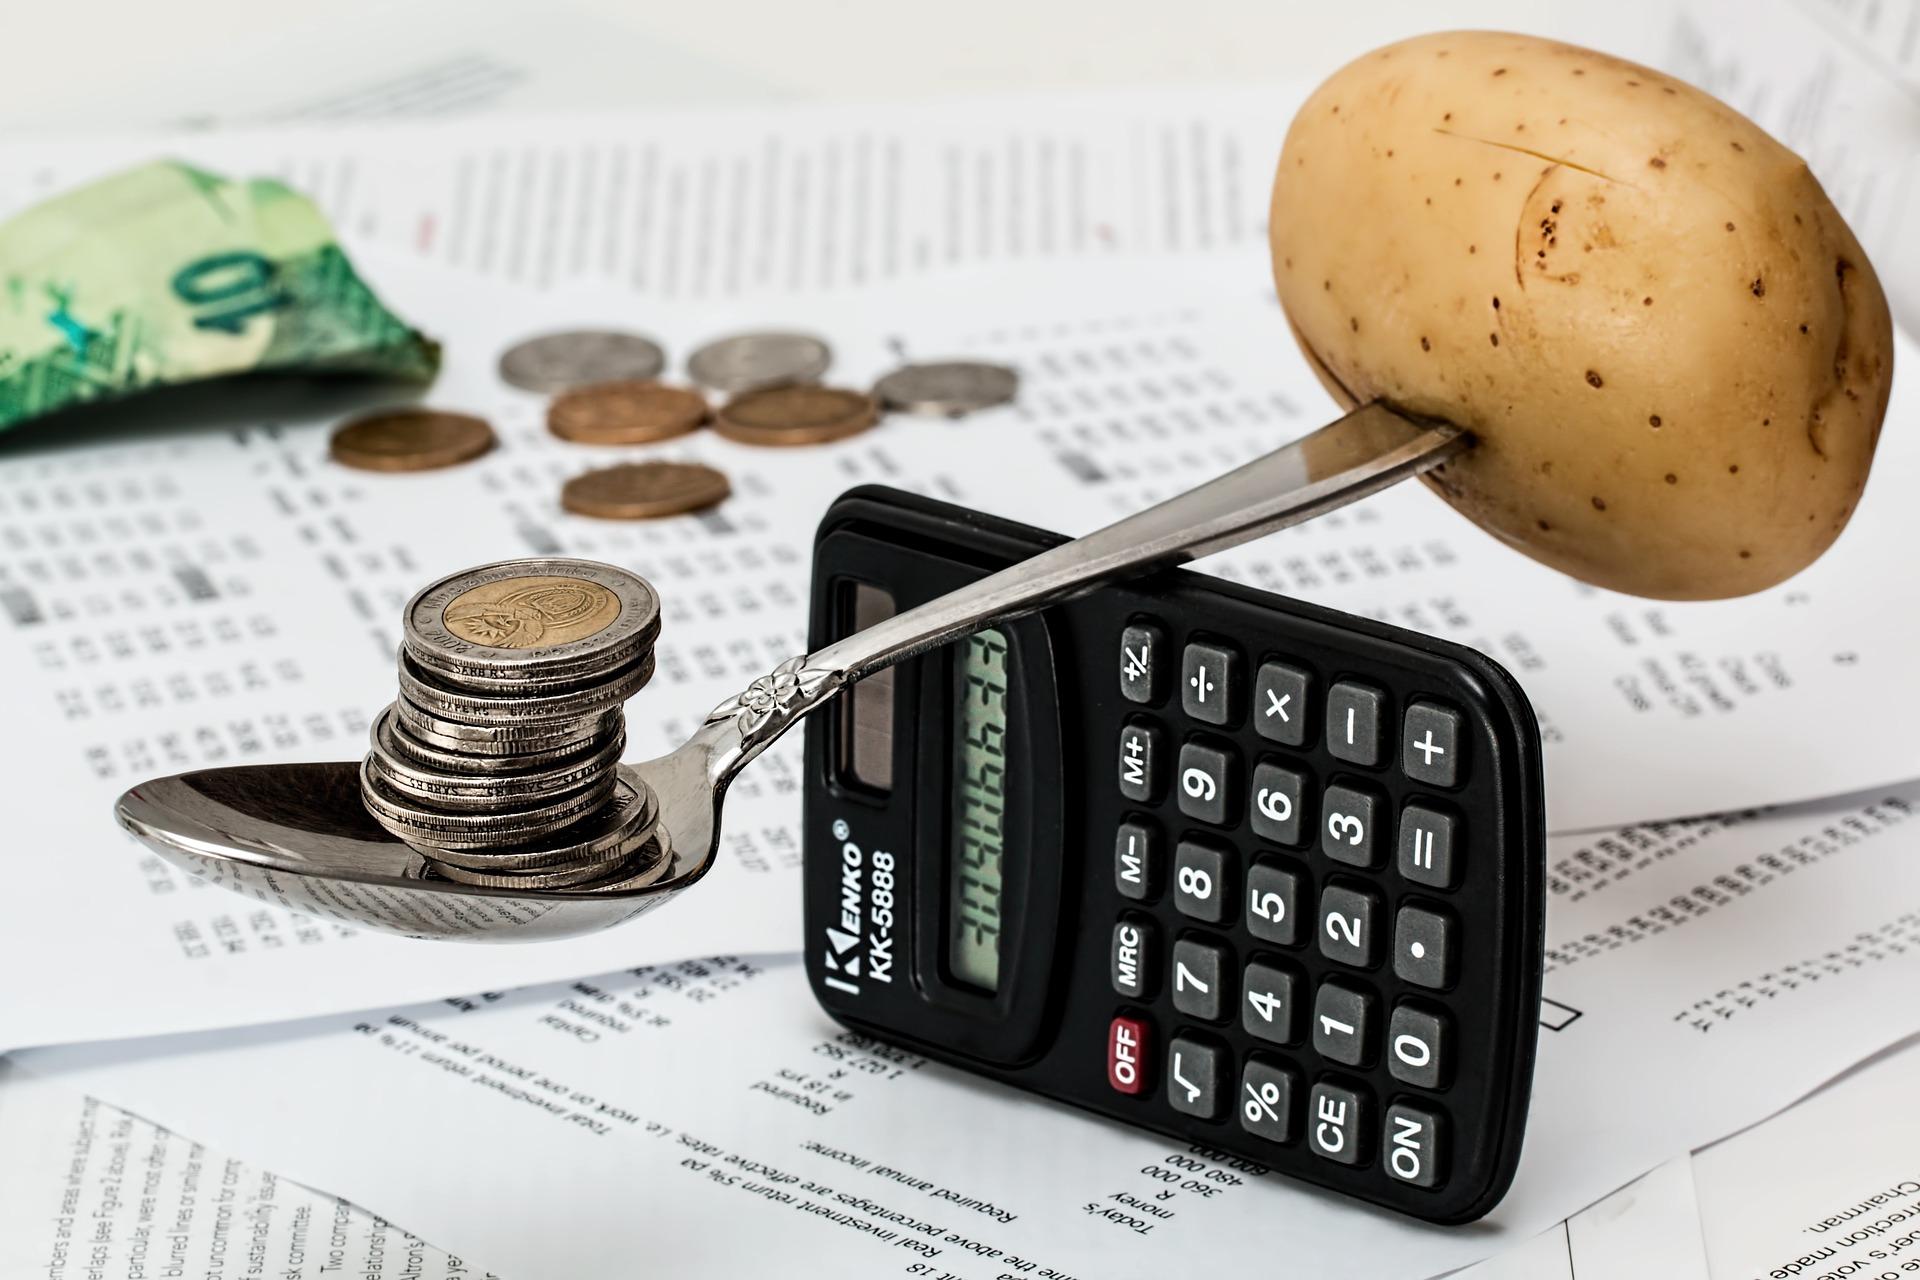 【時代を知る】仮想通貨ってギャンブルですか?